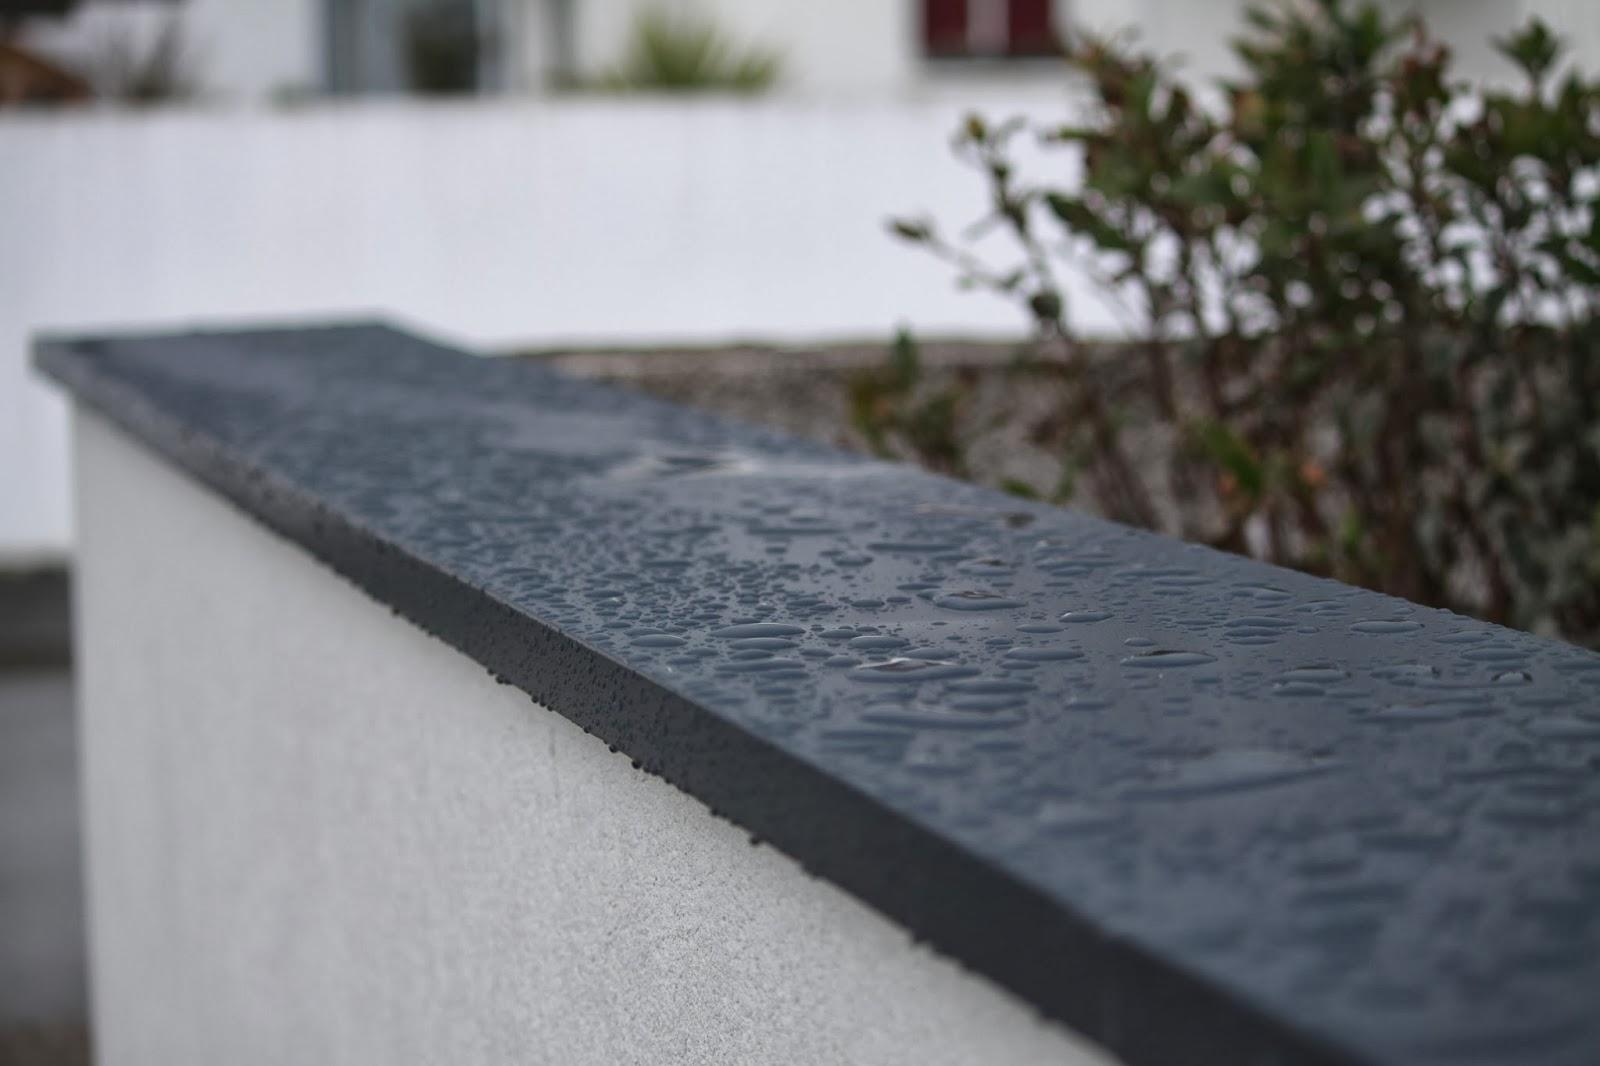 gouttiere zinc devis devis pour travaux maison hautes pyr n es entreprise foqt. Black Bedroom Furniture Sets. Home Design Ideas